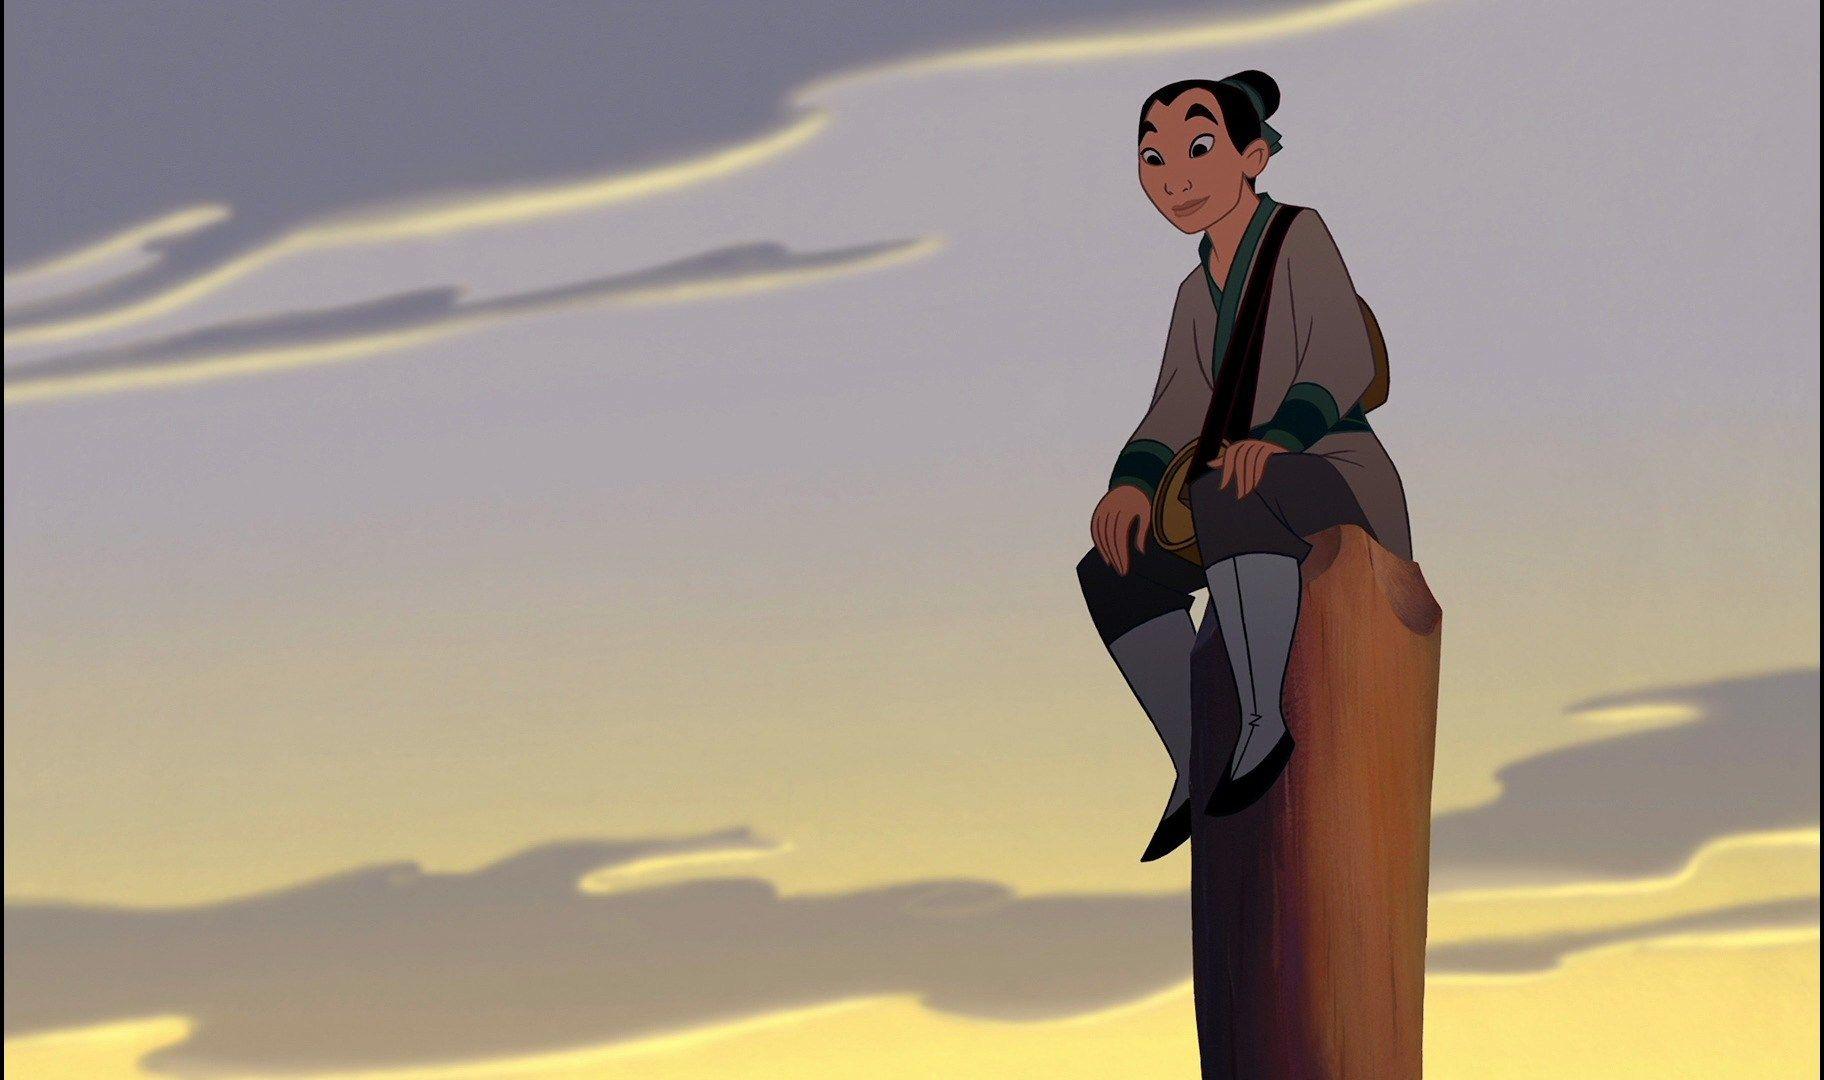 Pin De Gonzalo Villarreal Sanchez En Female Cartoon Face Princesas Disney Humor Disney Principes De Disney